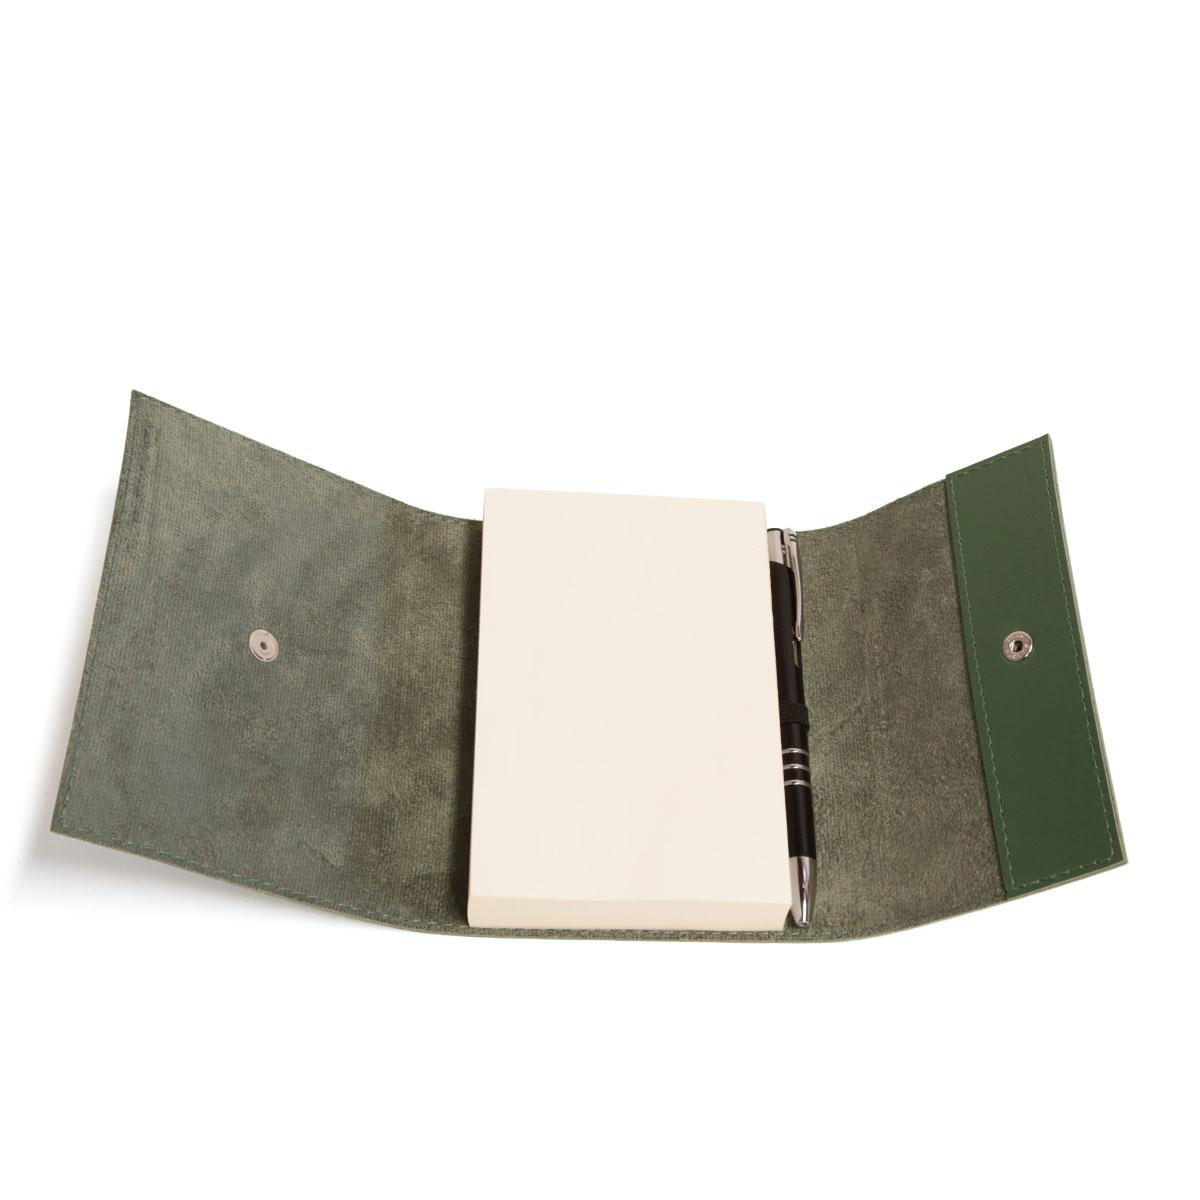 Bloco envelope com caneta (Montana Verde Musgo)